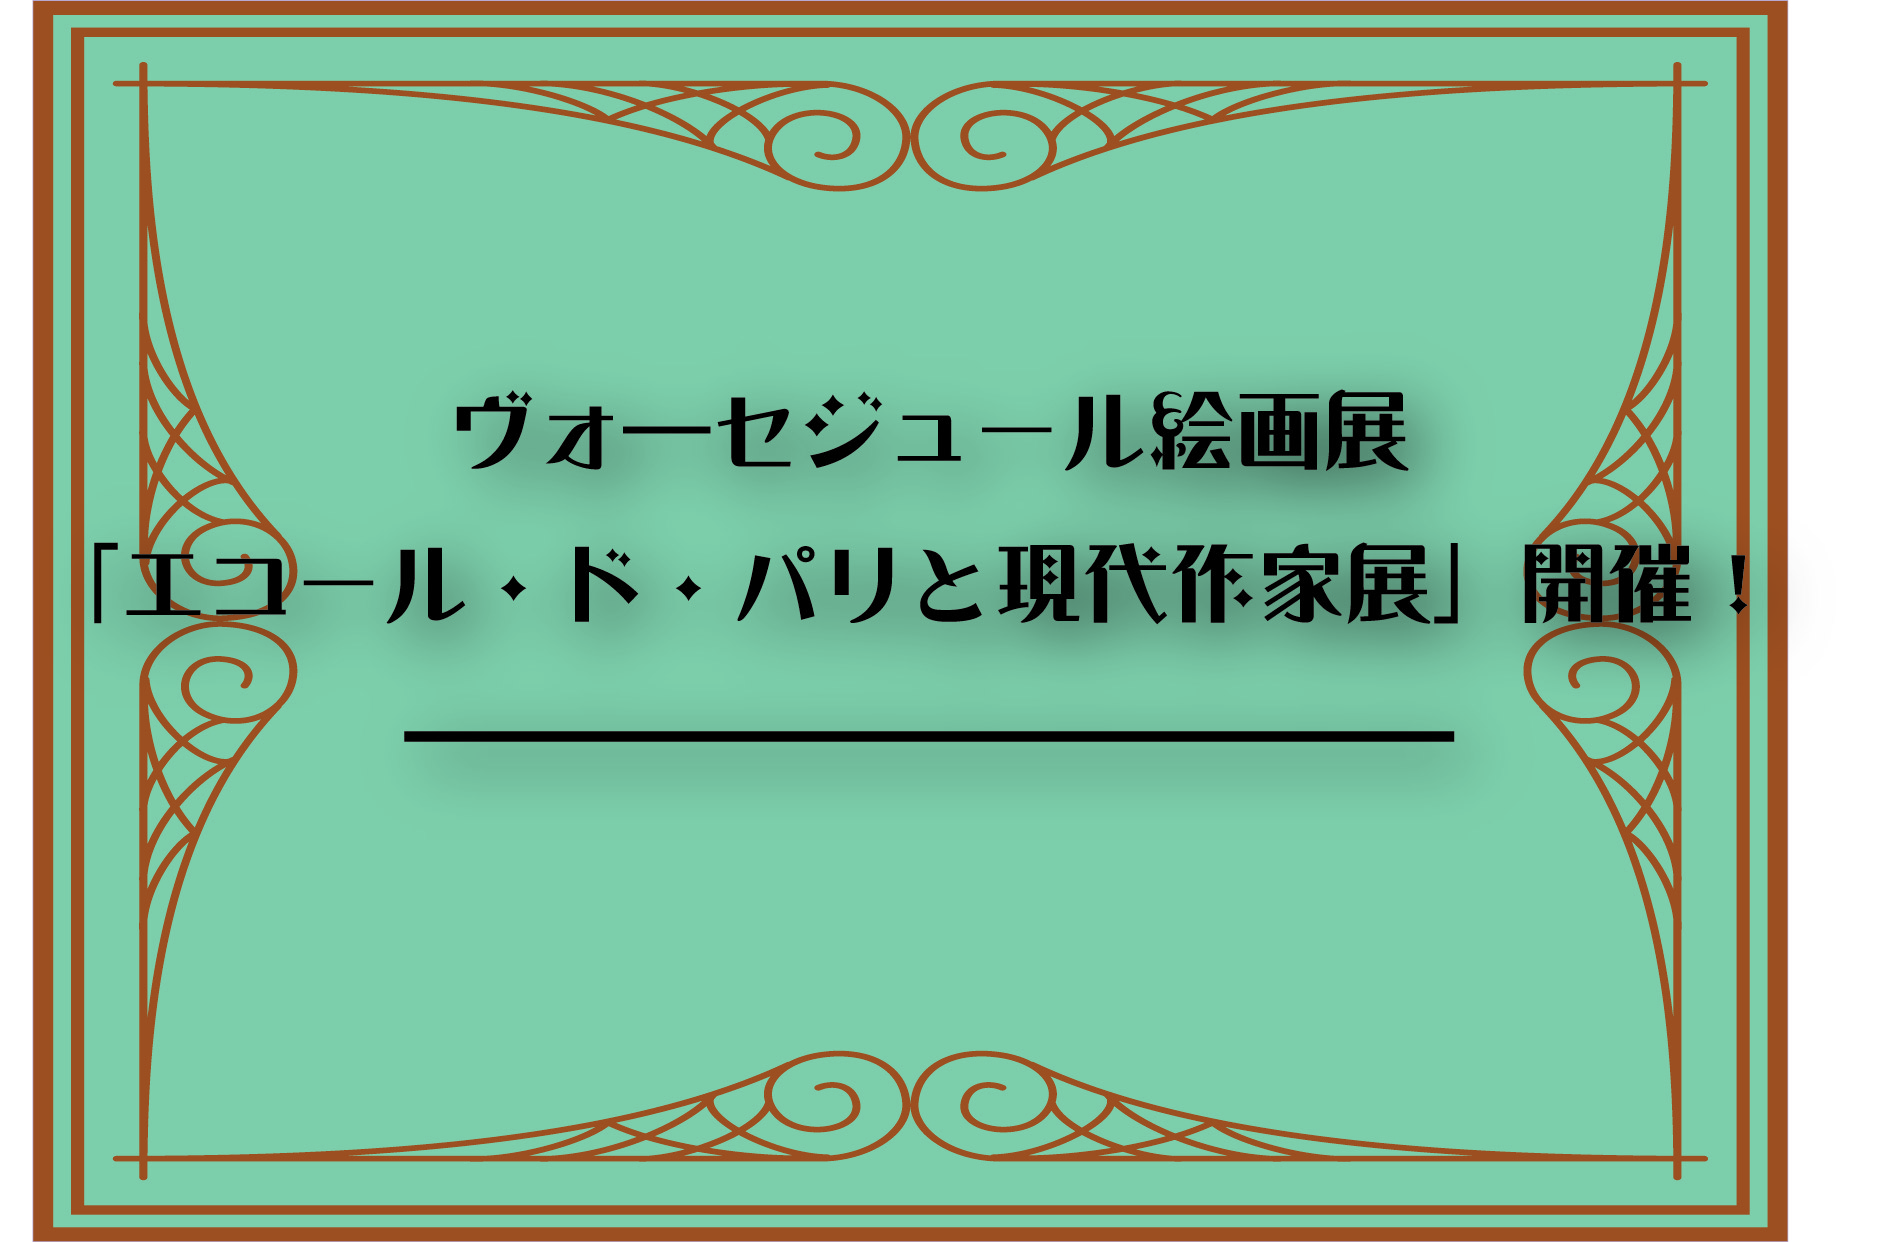 紀伊國屋書店:ヴォ―セジュール絵画展 開催